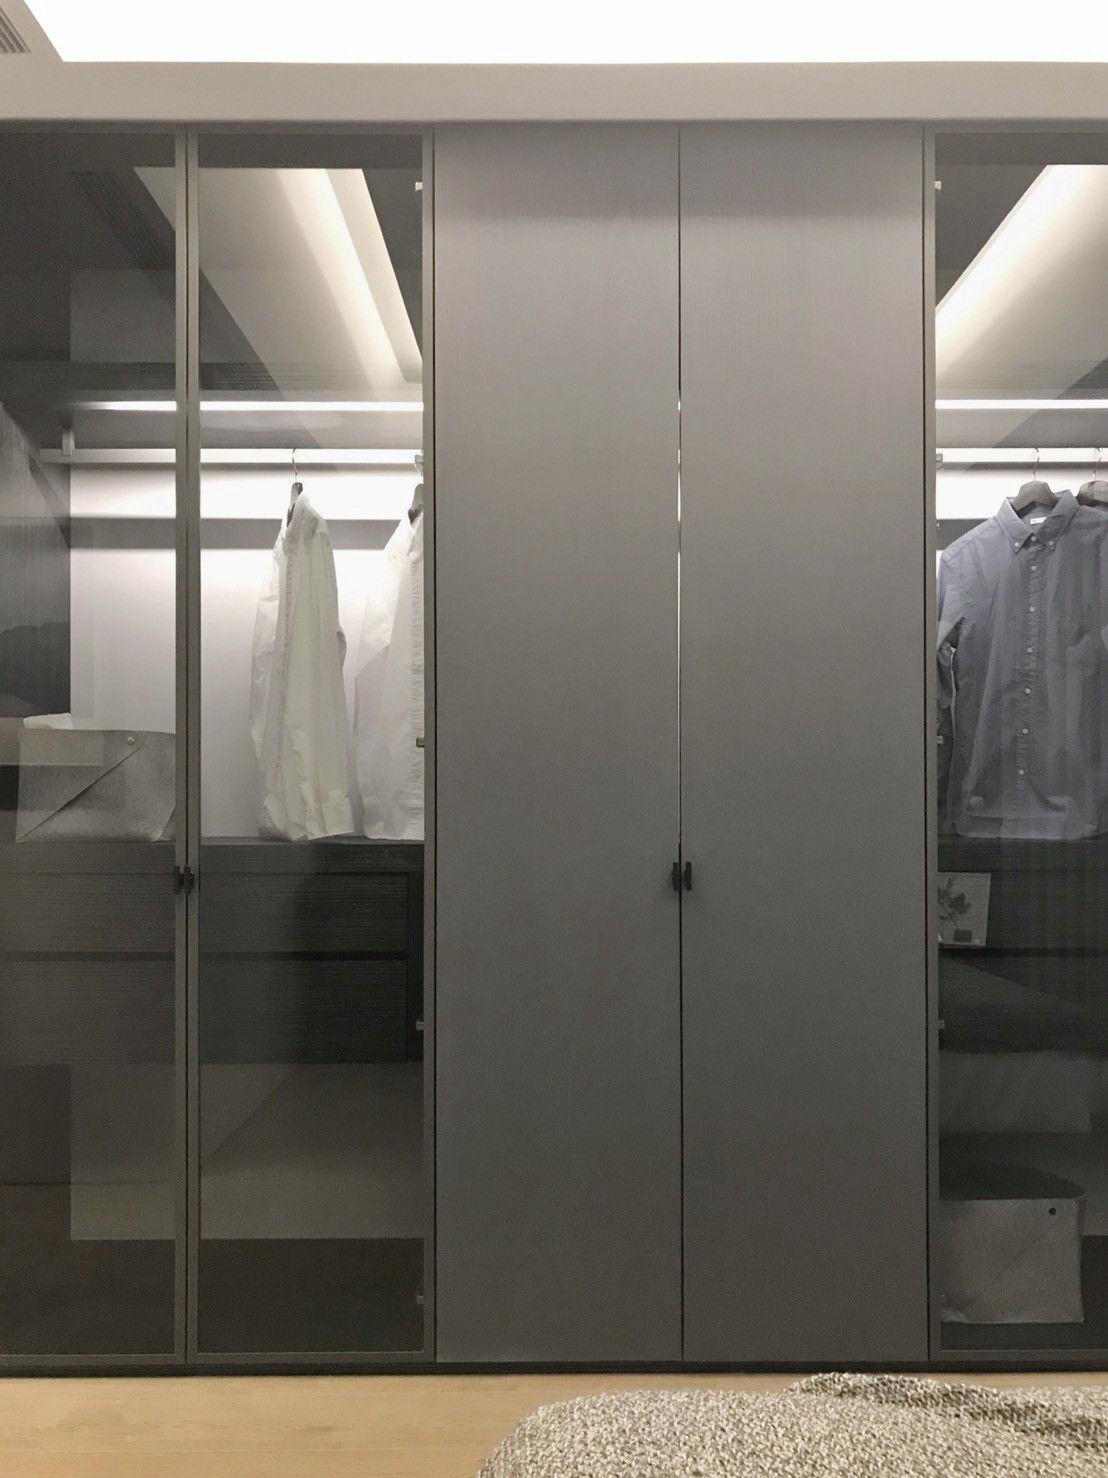 分子室內裝修設計-電梯大樓-實品屋樣品屋-主臥室空間-碧根21號白派建築